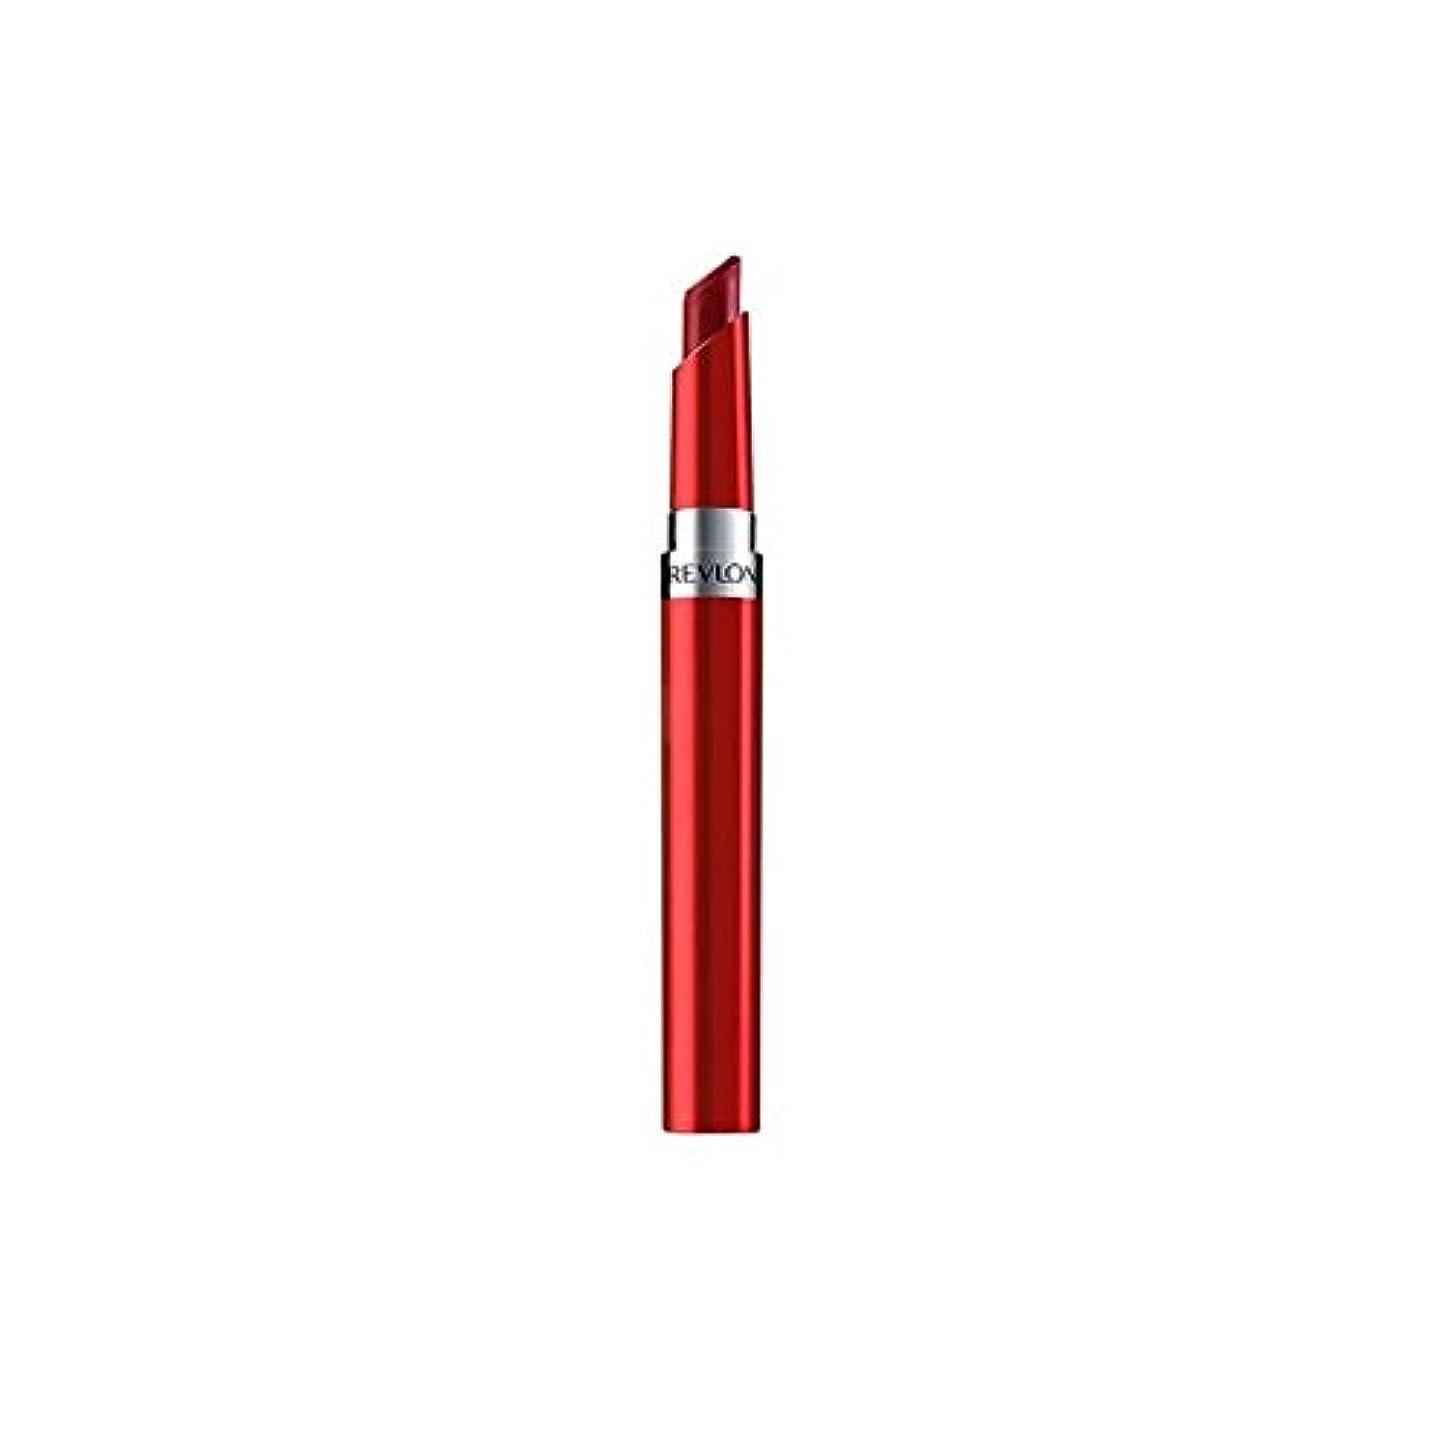 不適切なプロフェッショナル高尚なRevlon Ultra HD Gel Lipcolor Lava (Pack of 6) - レブロン超ゲル溶岩 x6 [並行輸入品]